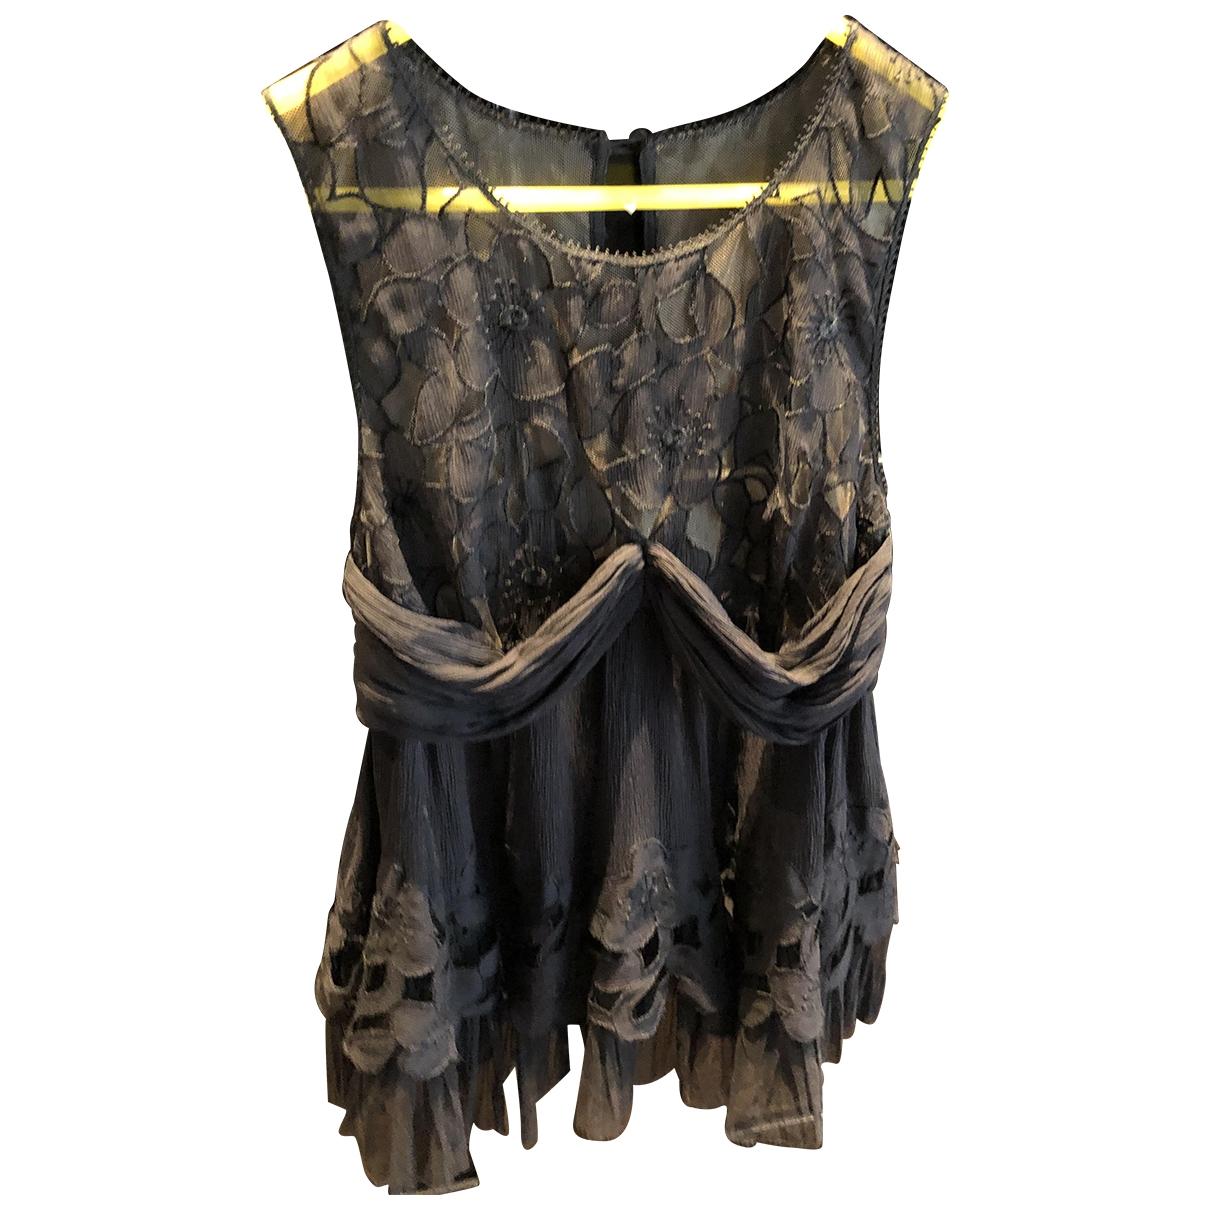 La Perla \N Black Lace  top for Women 40 IT